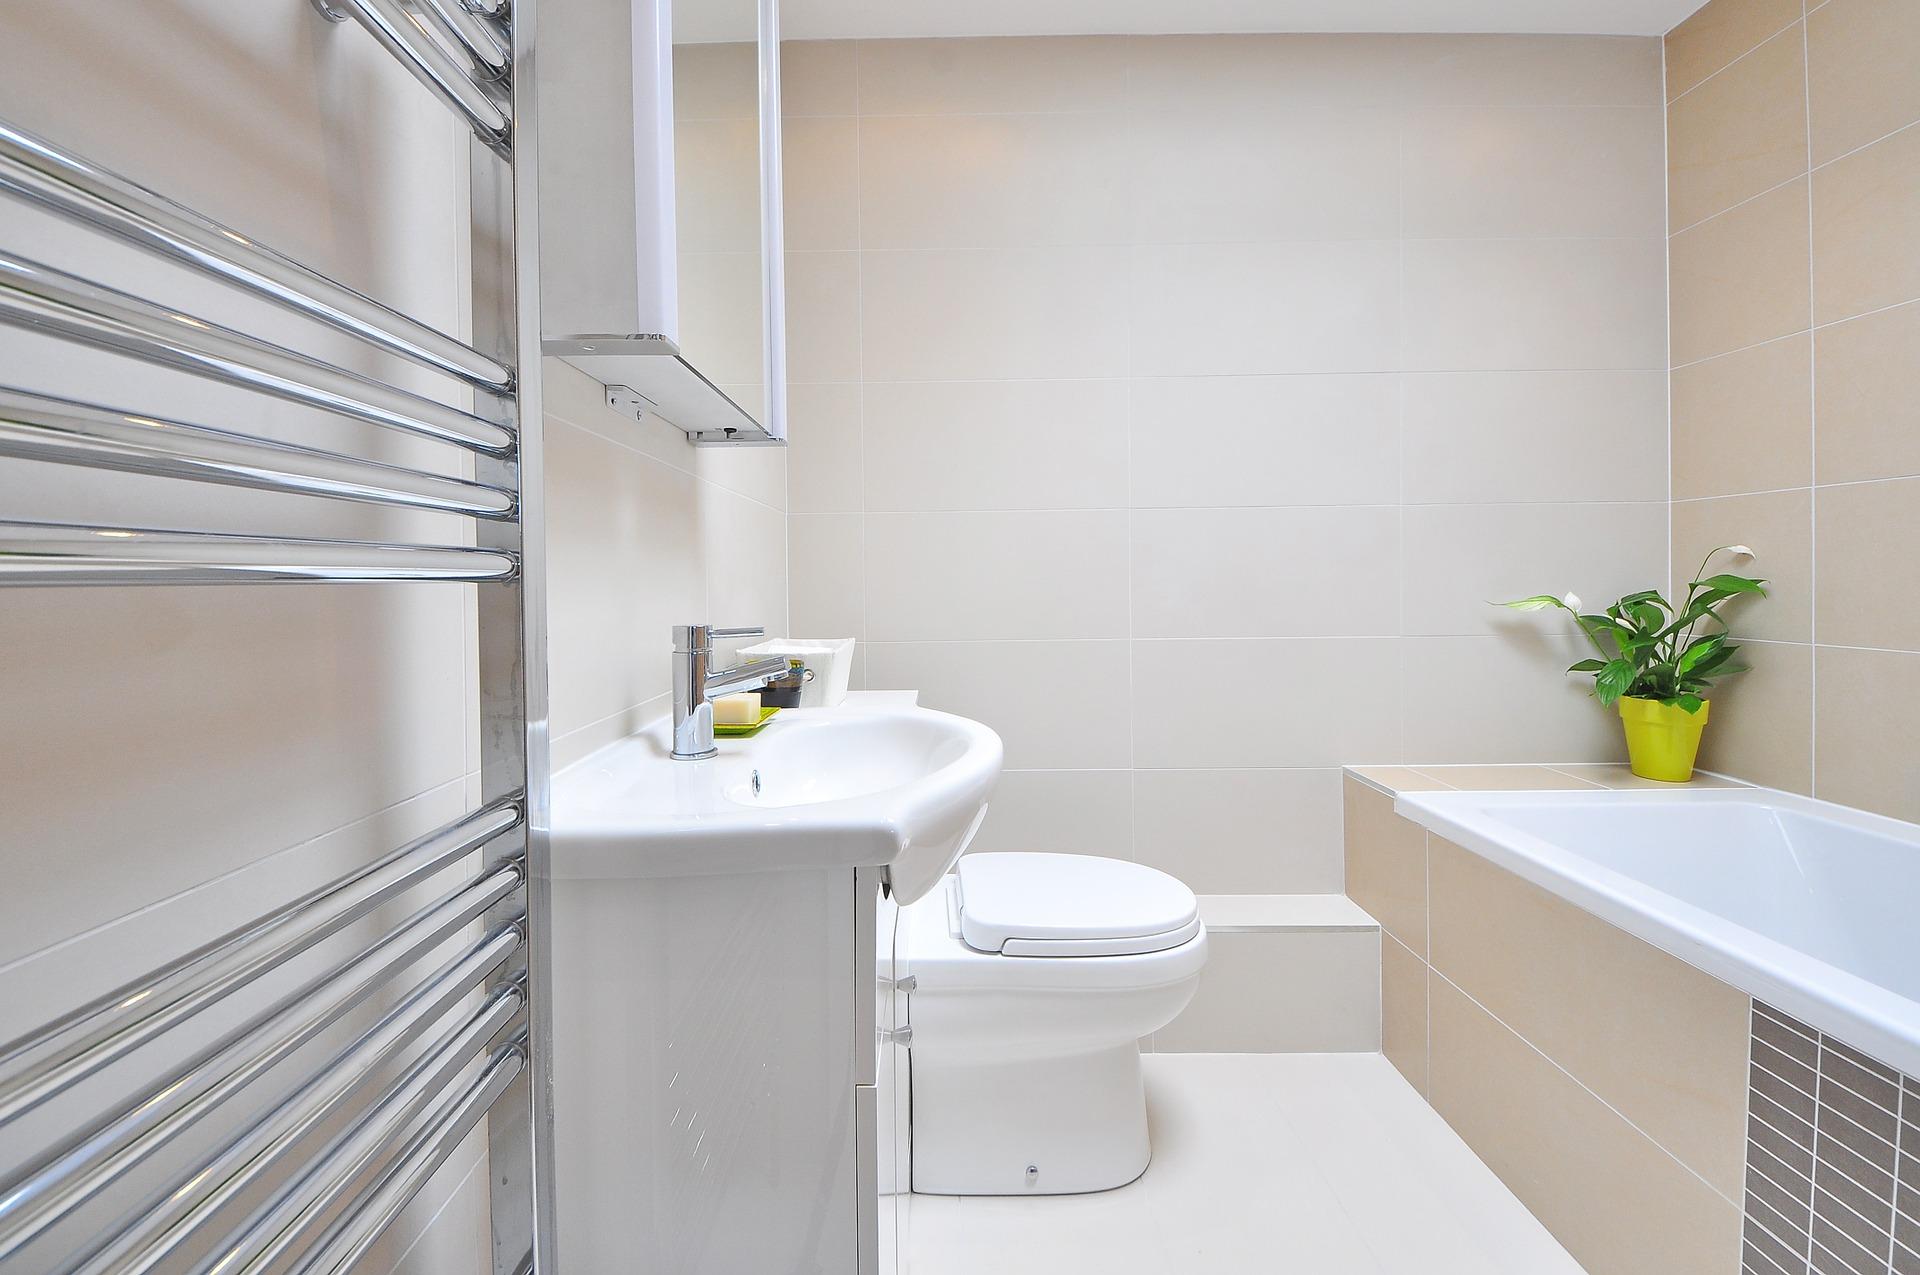 كيفية التنظيف العميق لحمام منزلك